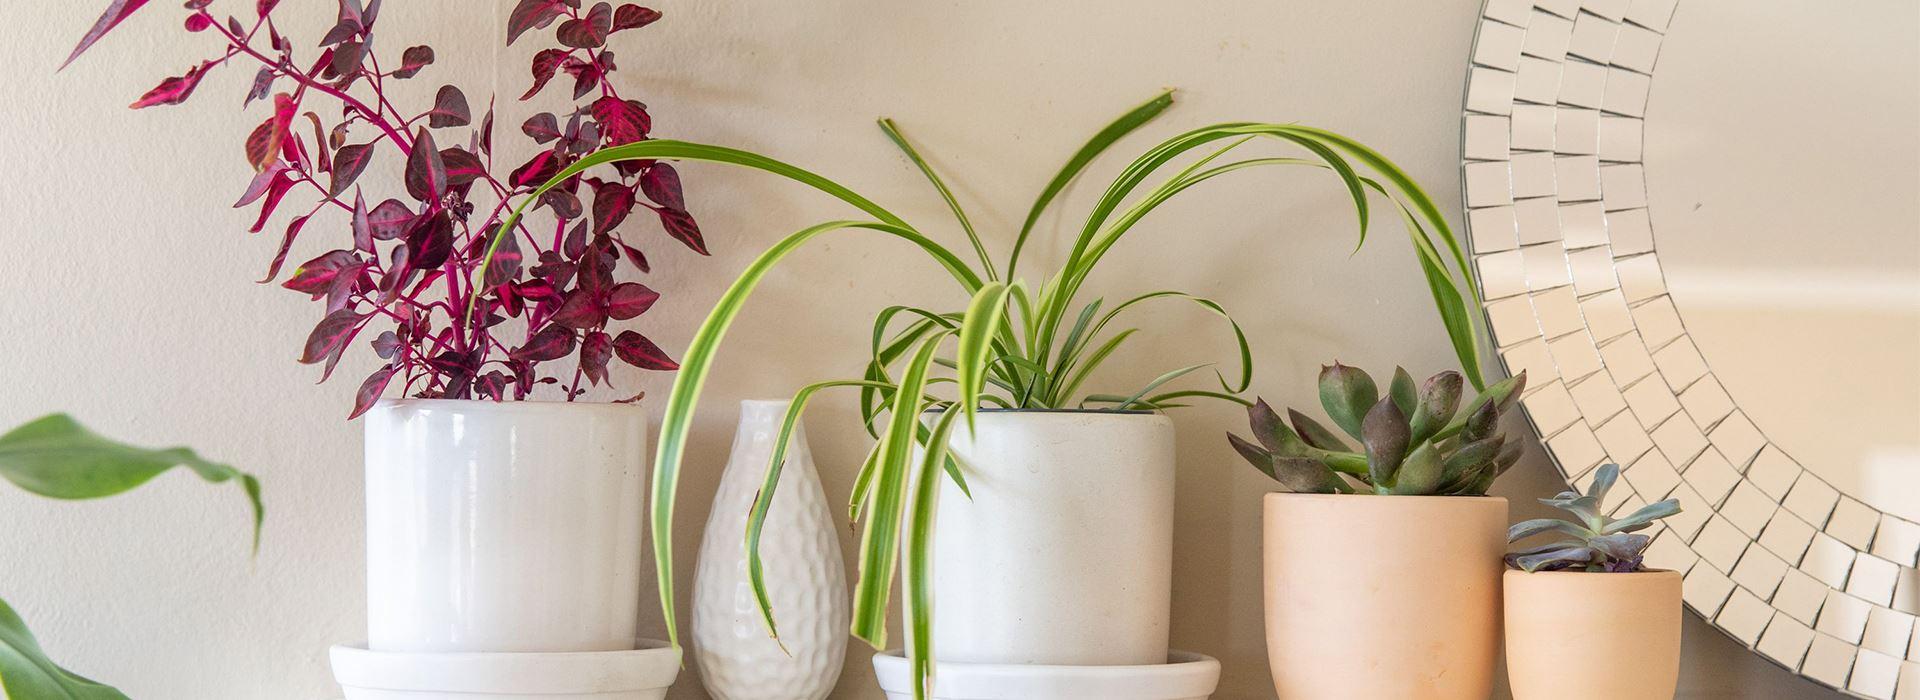 بهترین گیاهان تصفیه کننده